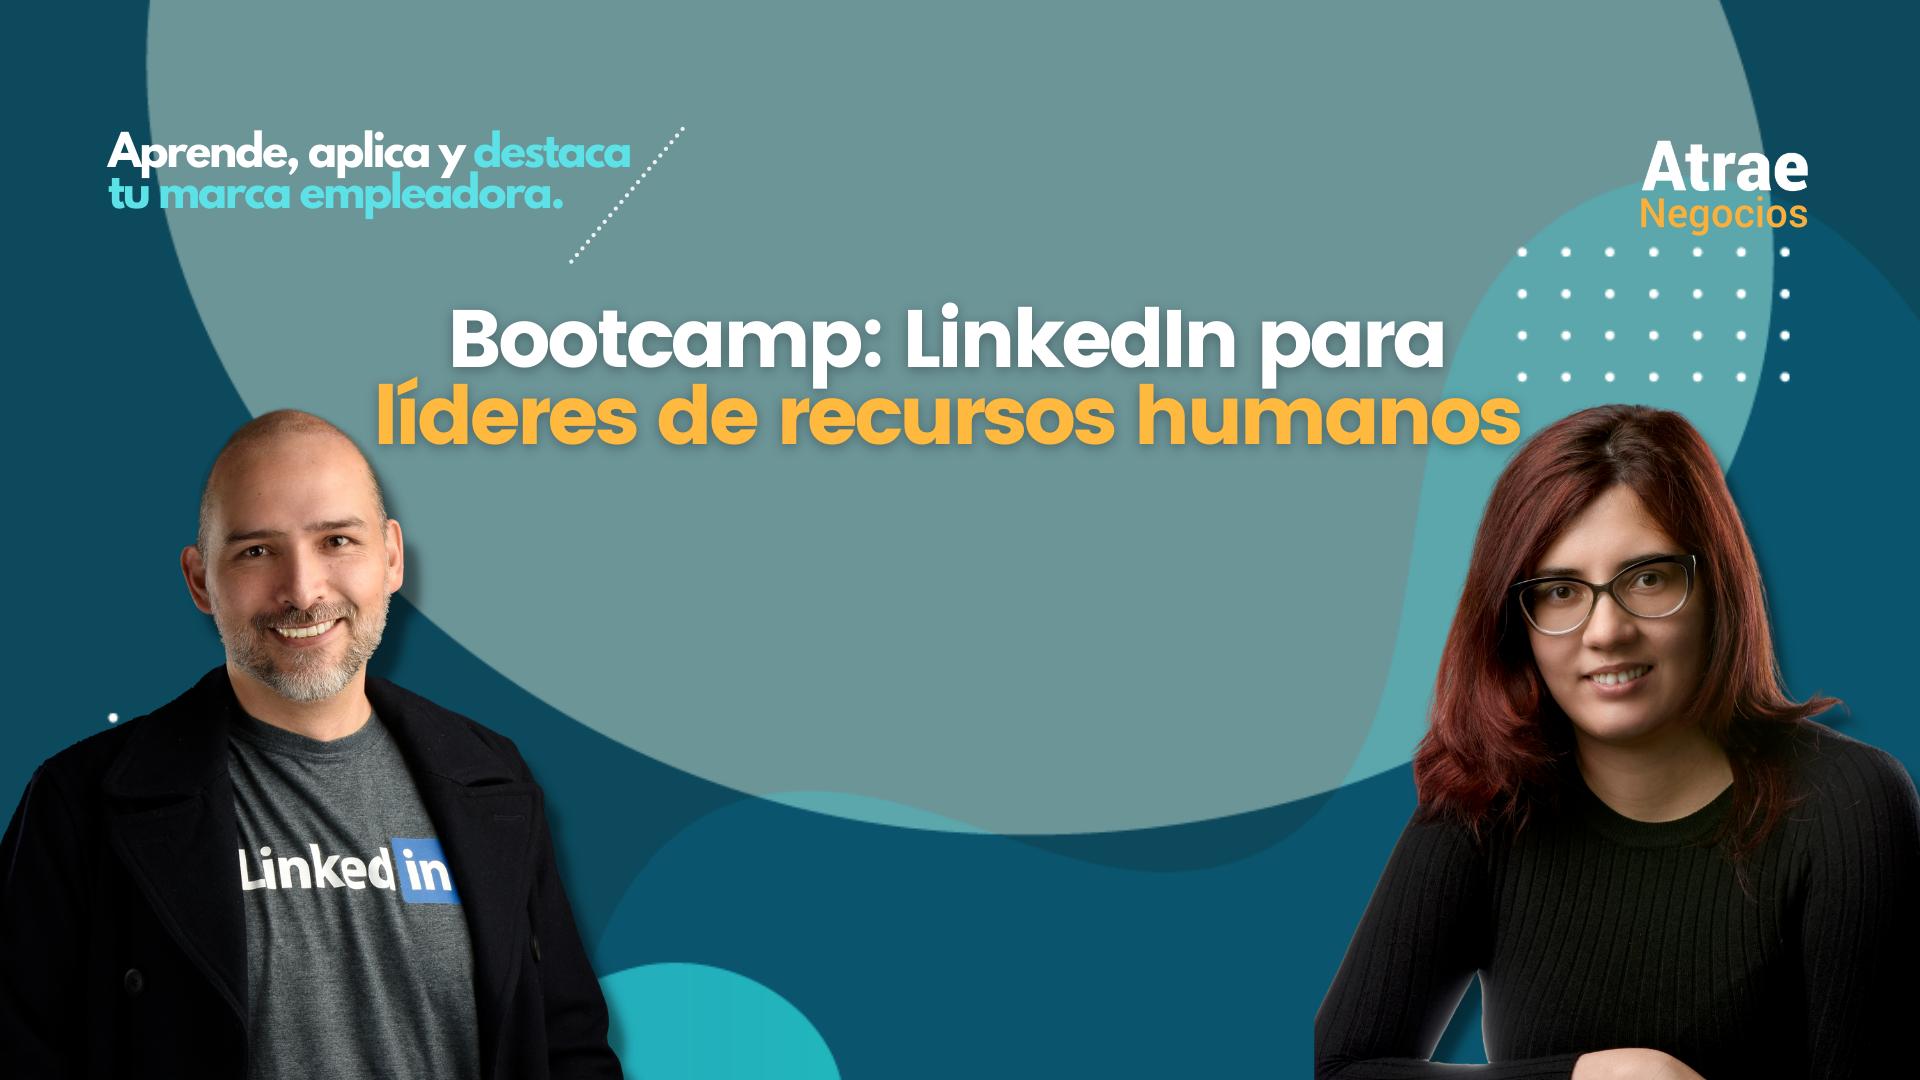 Aprende, aplica y vende Lideres recursos humanos Bootcamp 2